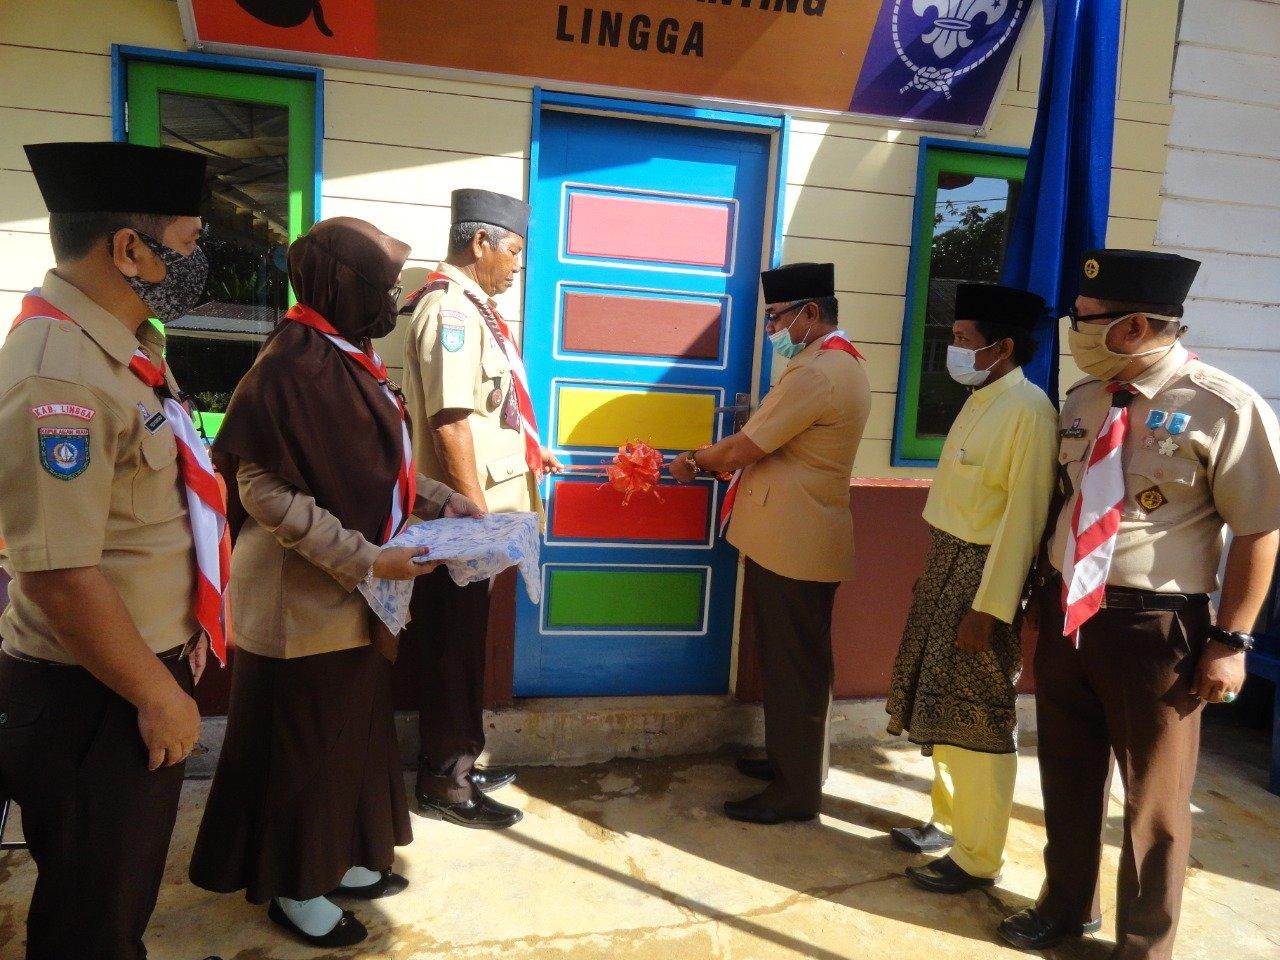 Foto Camat lingga, Camat Resmikan Sekretariat Kwarran Lingga, HUT Pramuka ke 59